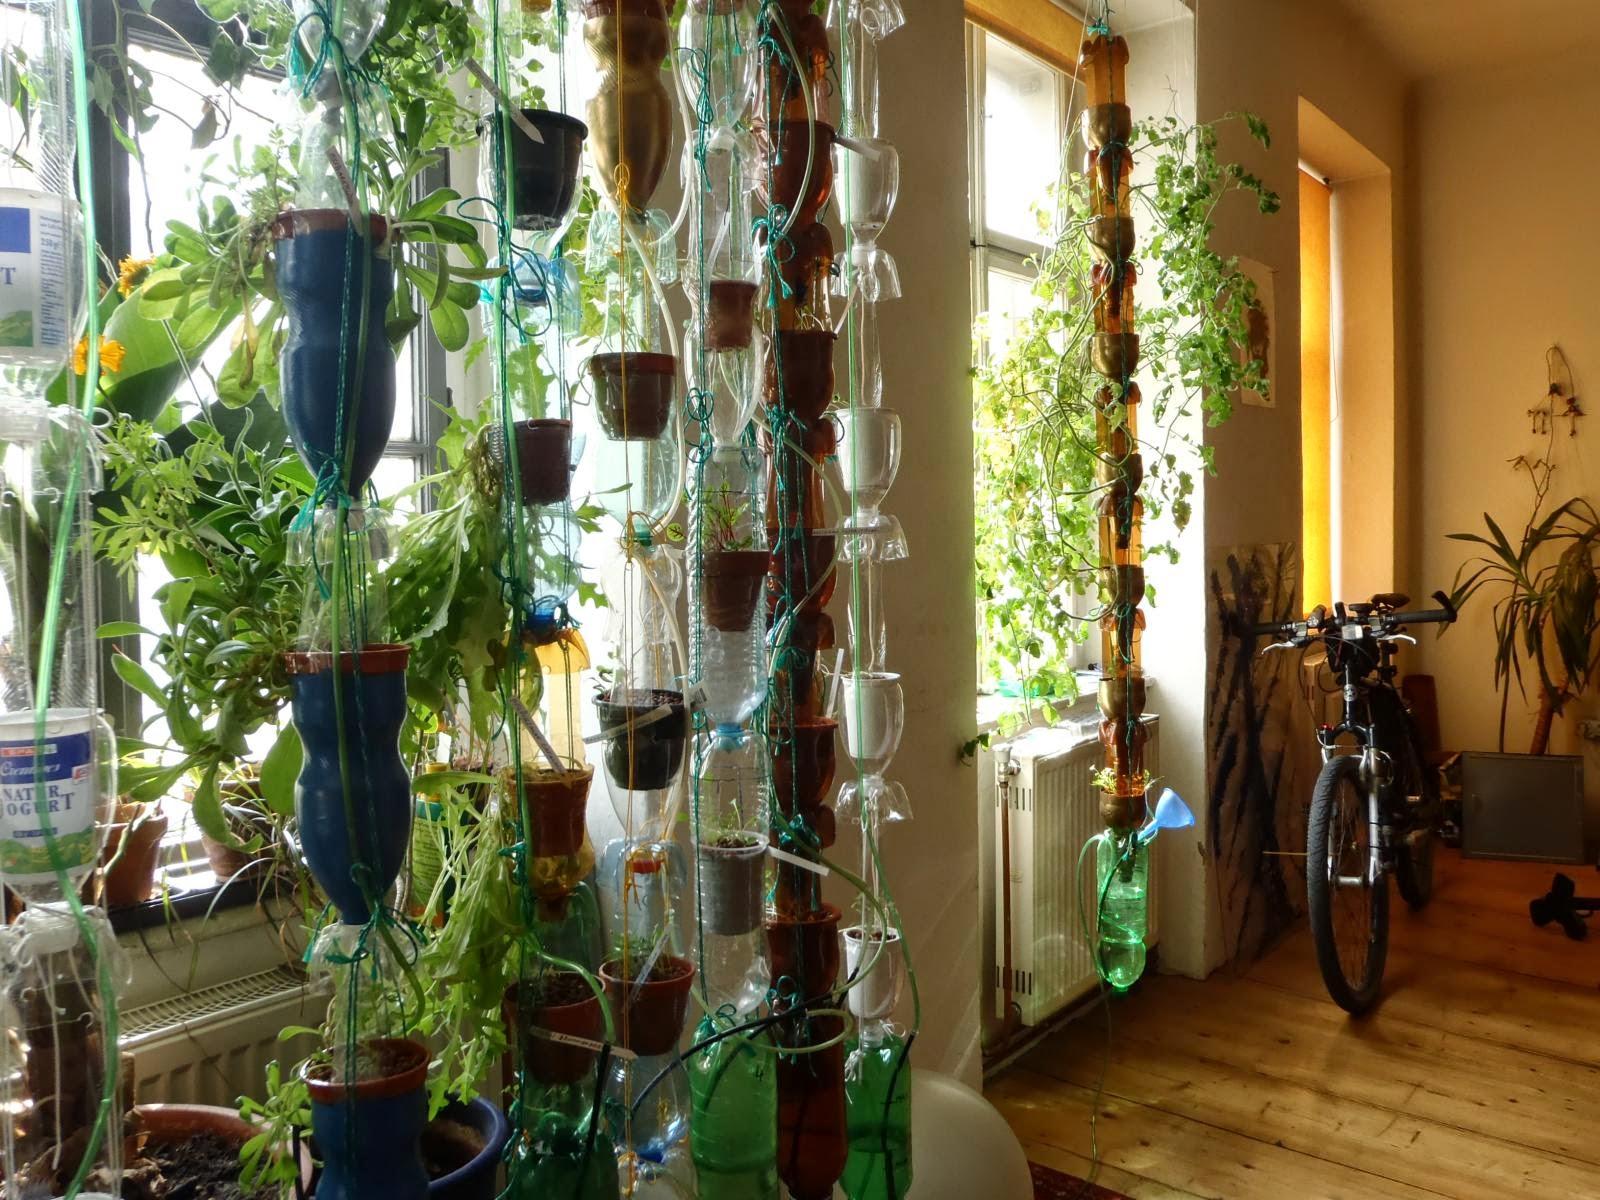 desideratum comment faire son jardin en appartement. Black Bedroom Furniture Sets. Home Design Ideas